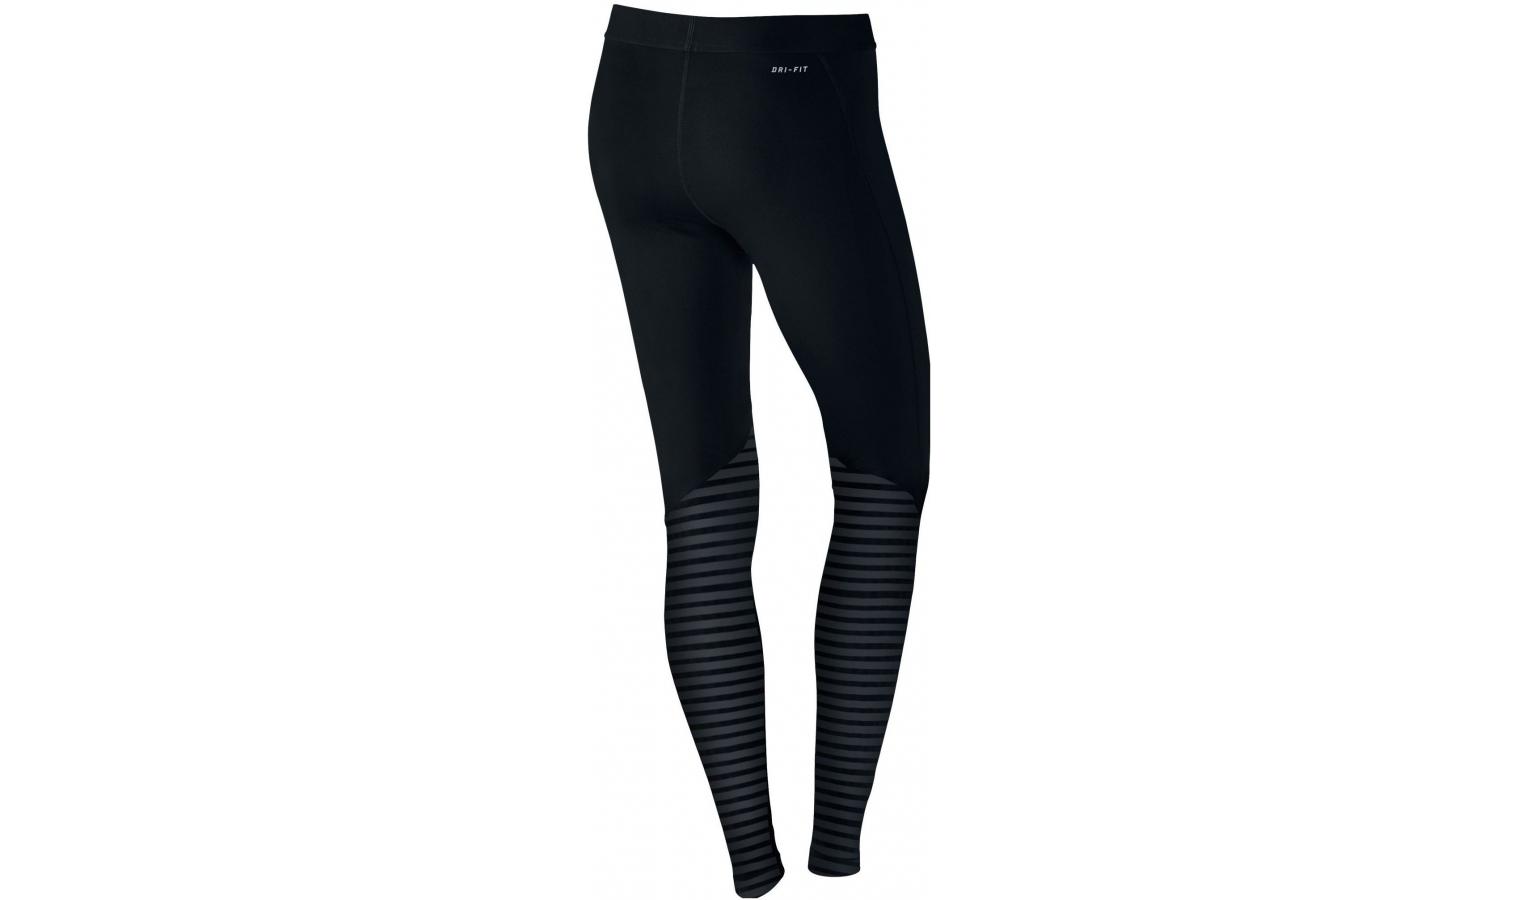 Dámské sportovní legíny Nike PRO WARM TIGHT W černé  fe468bba57